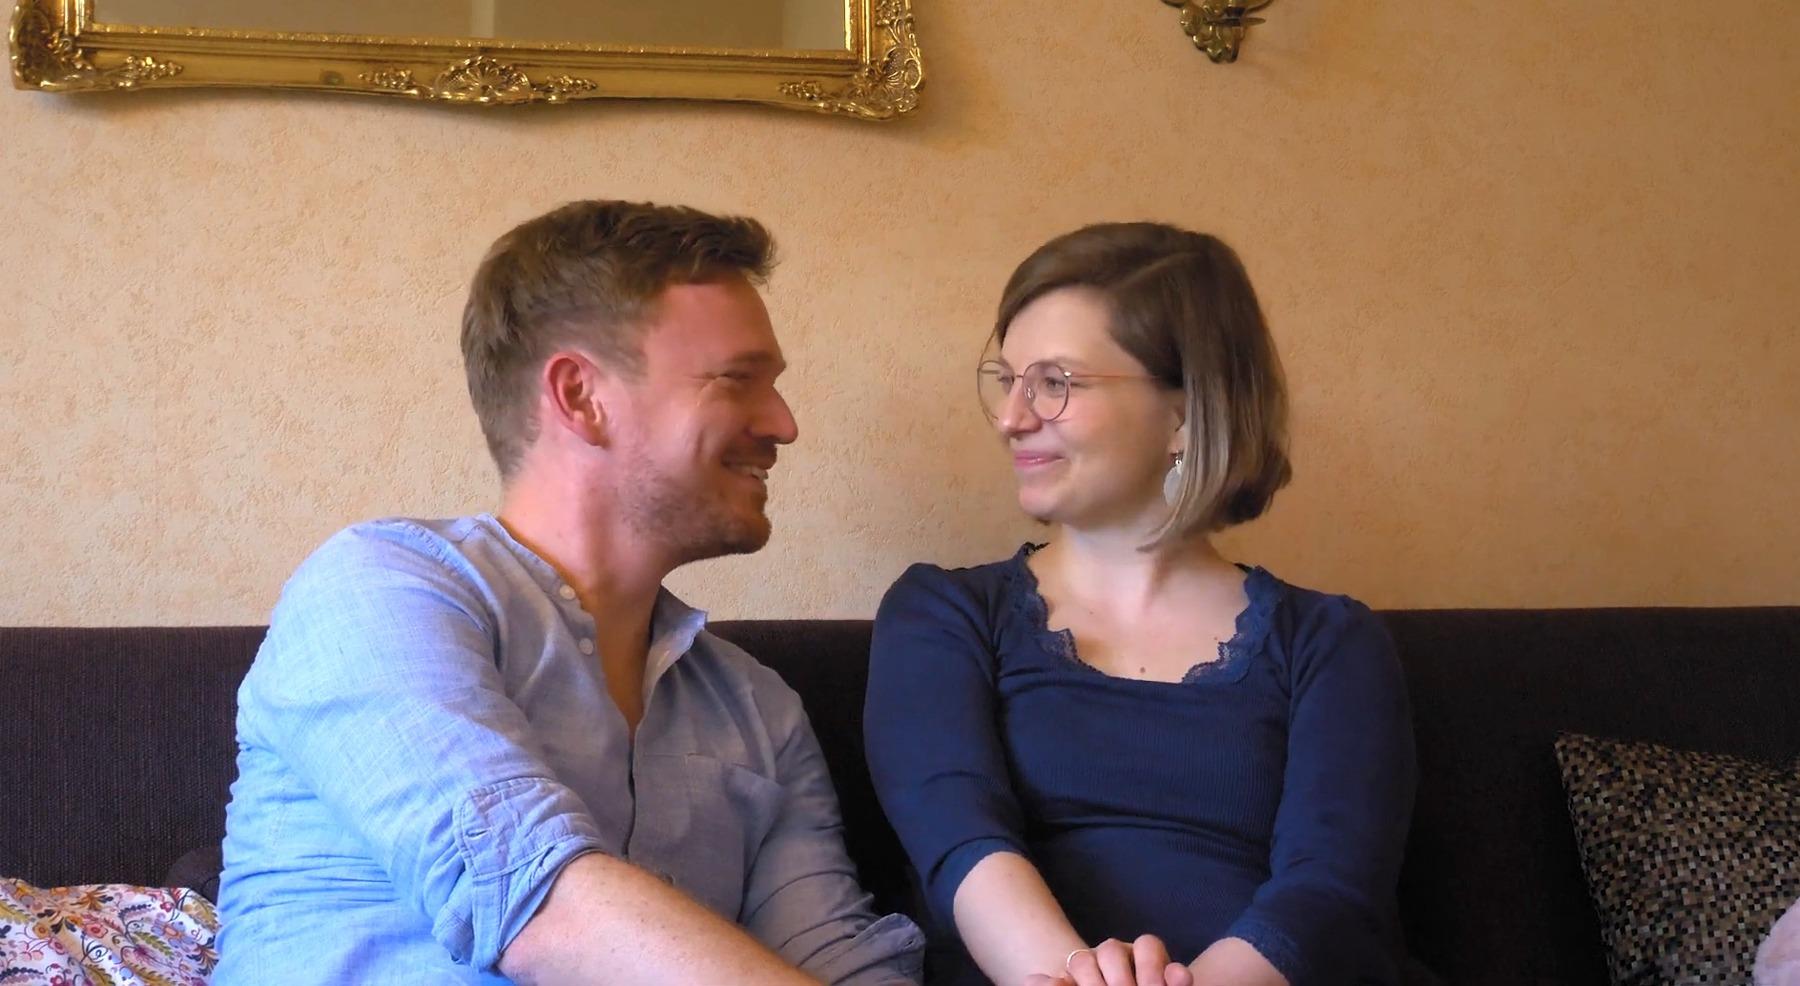 Video Freie Trauung  Hochzeit trotz Corona - Doro & Matze im Glück